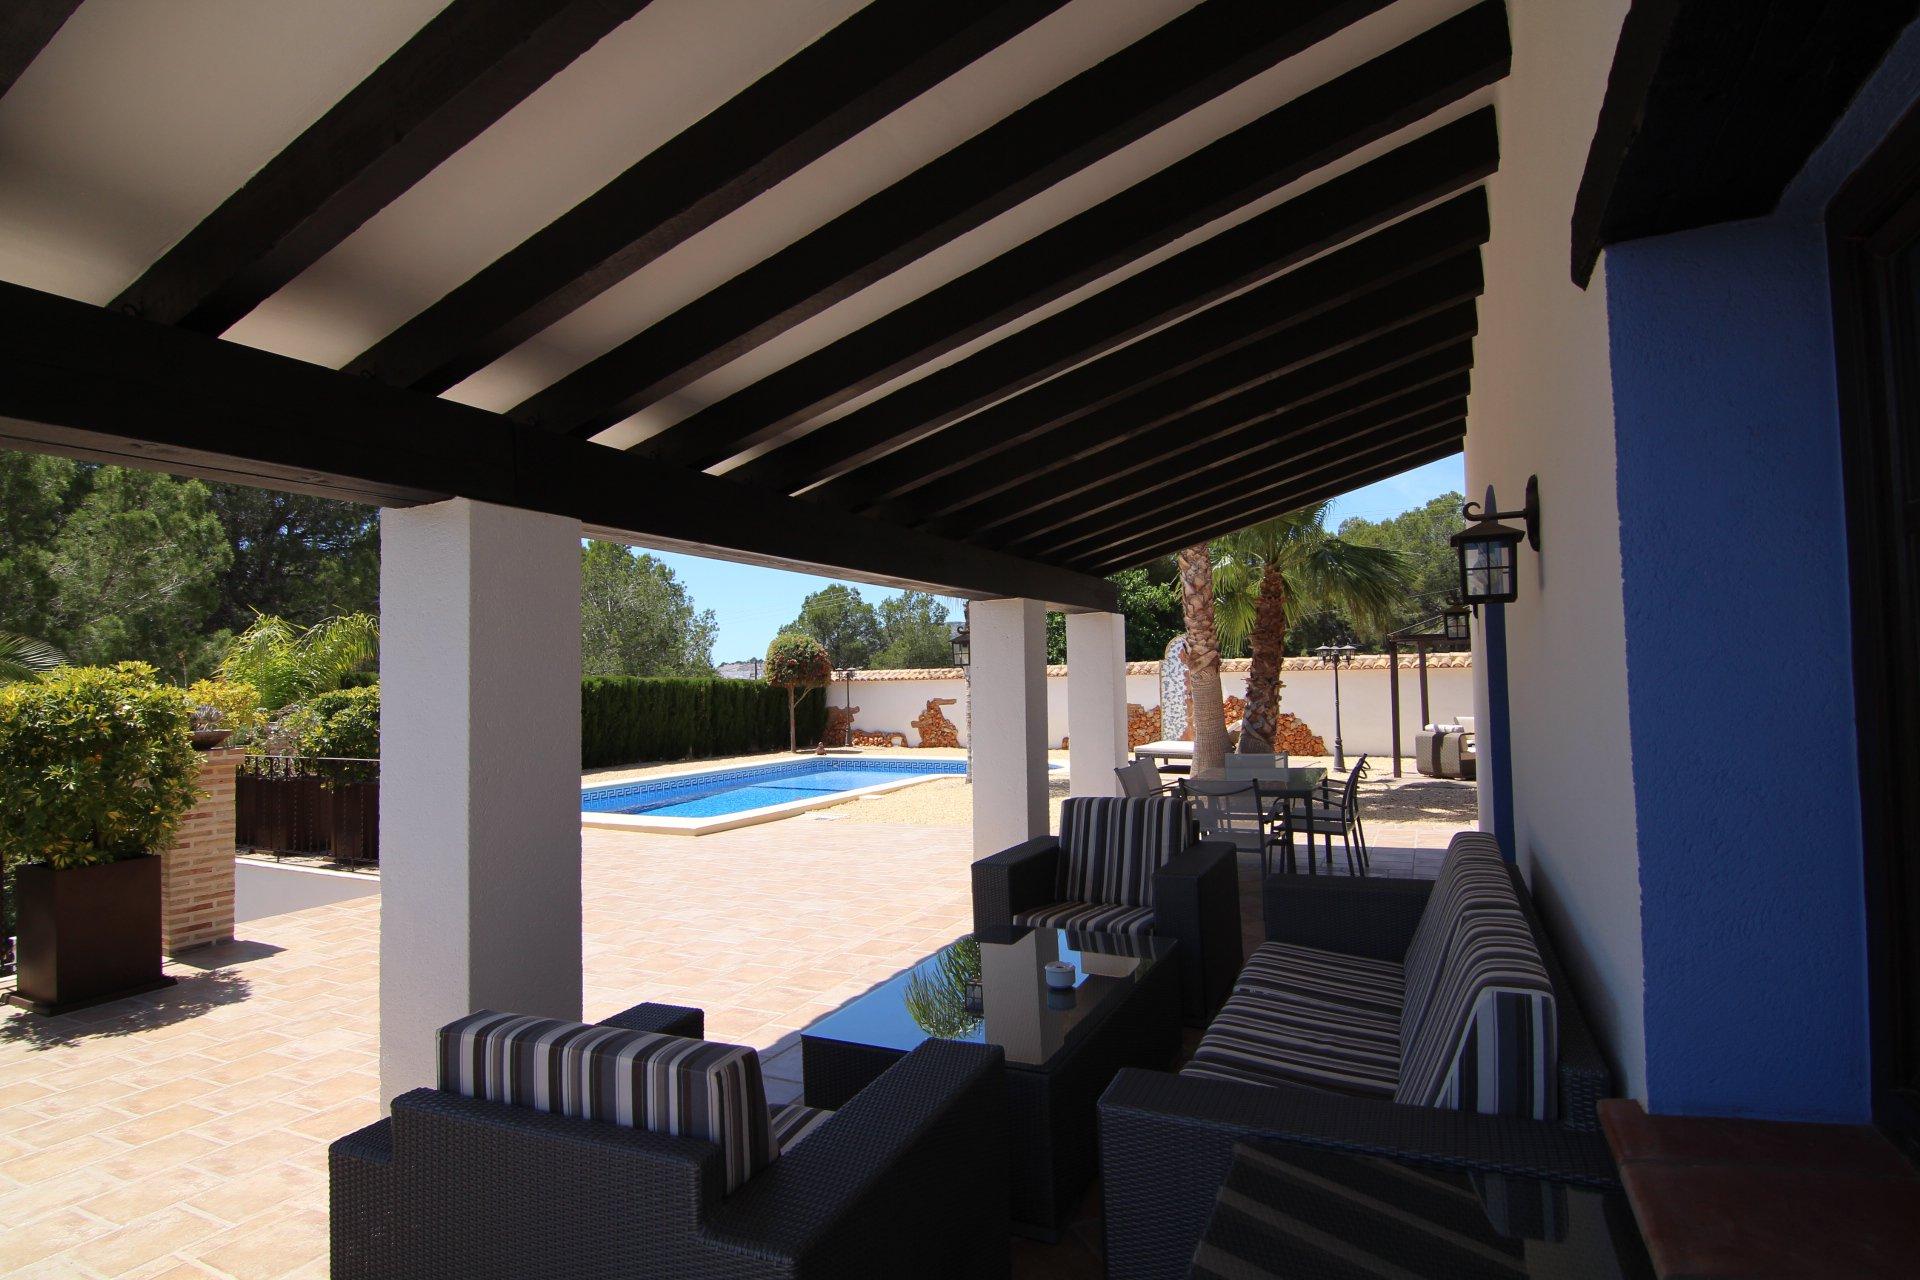 Villa de luxe avec 5 chambres dans un quartier calme et verdoyant